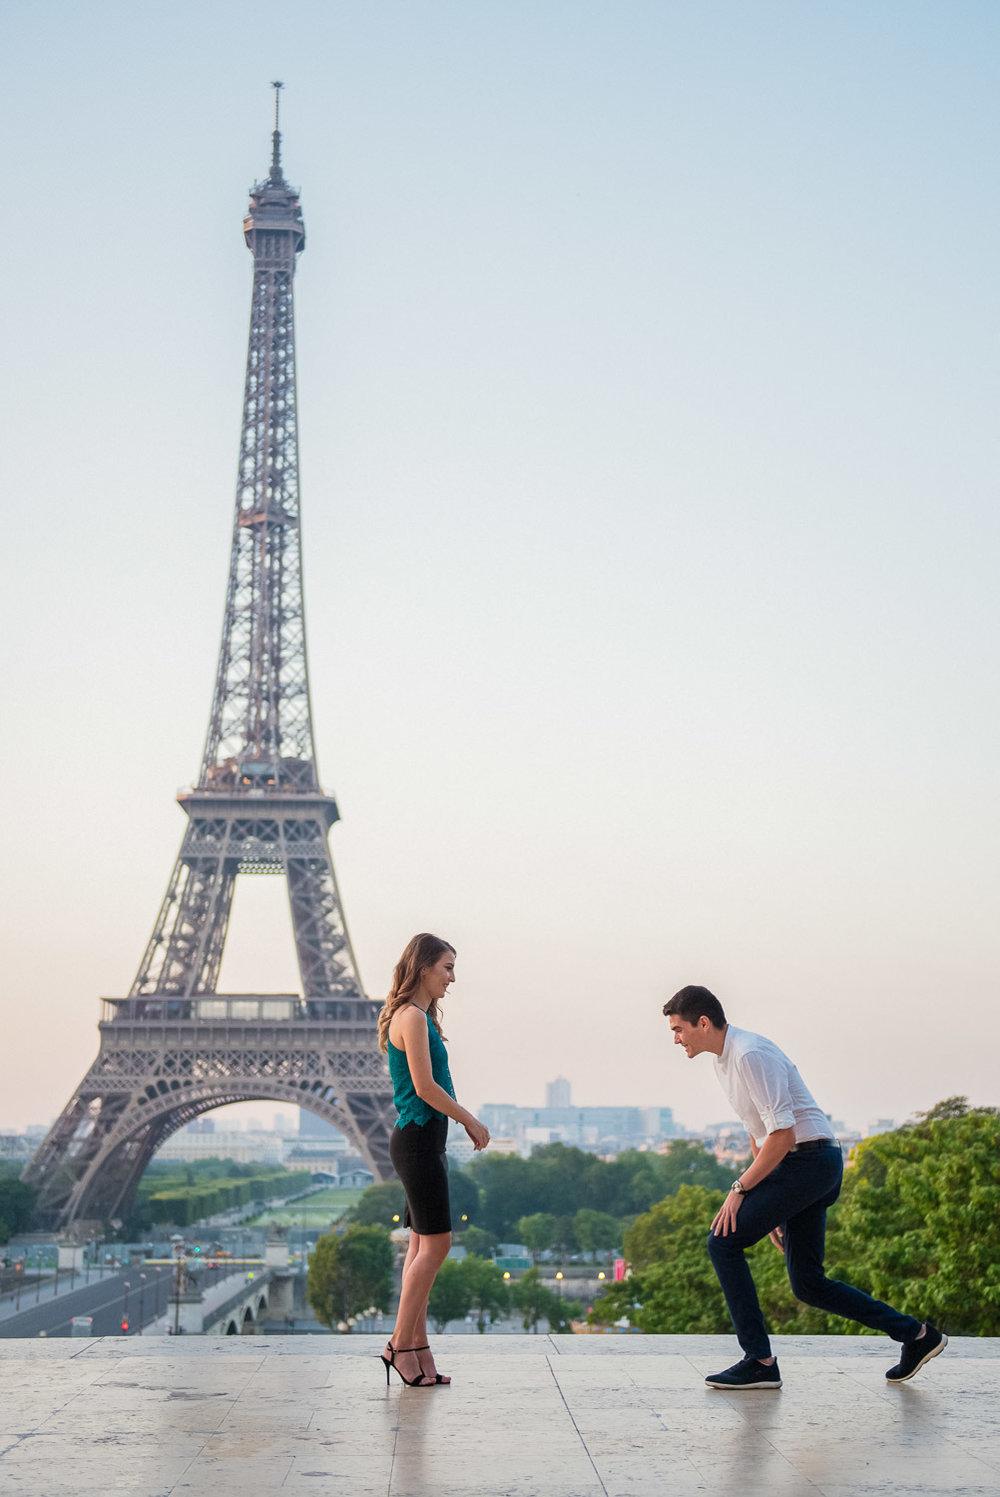 Paris surprise proposal session for Andrei & Daniela 28 June 2018-3.jpg